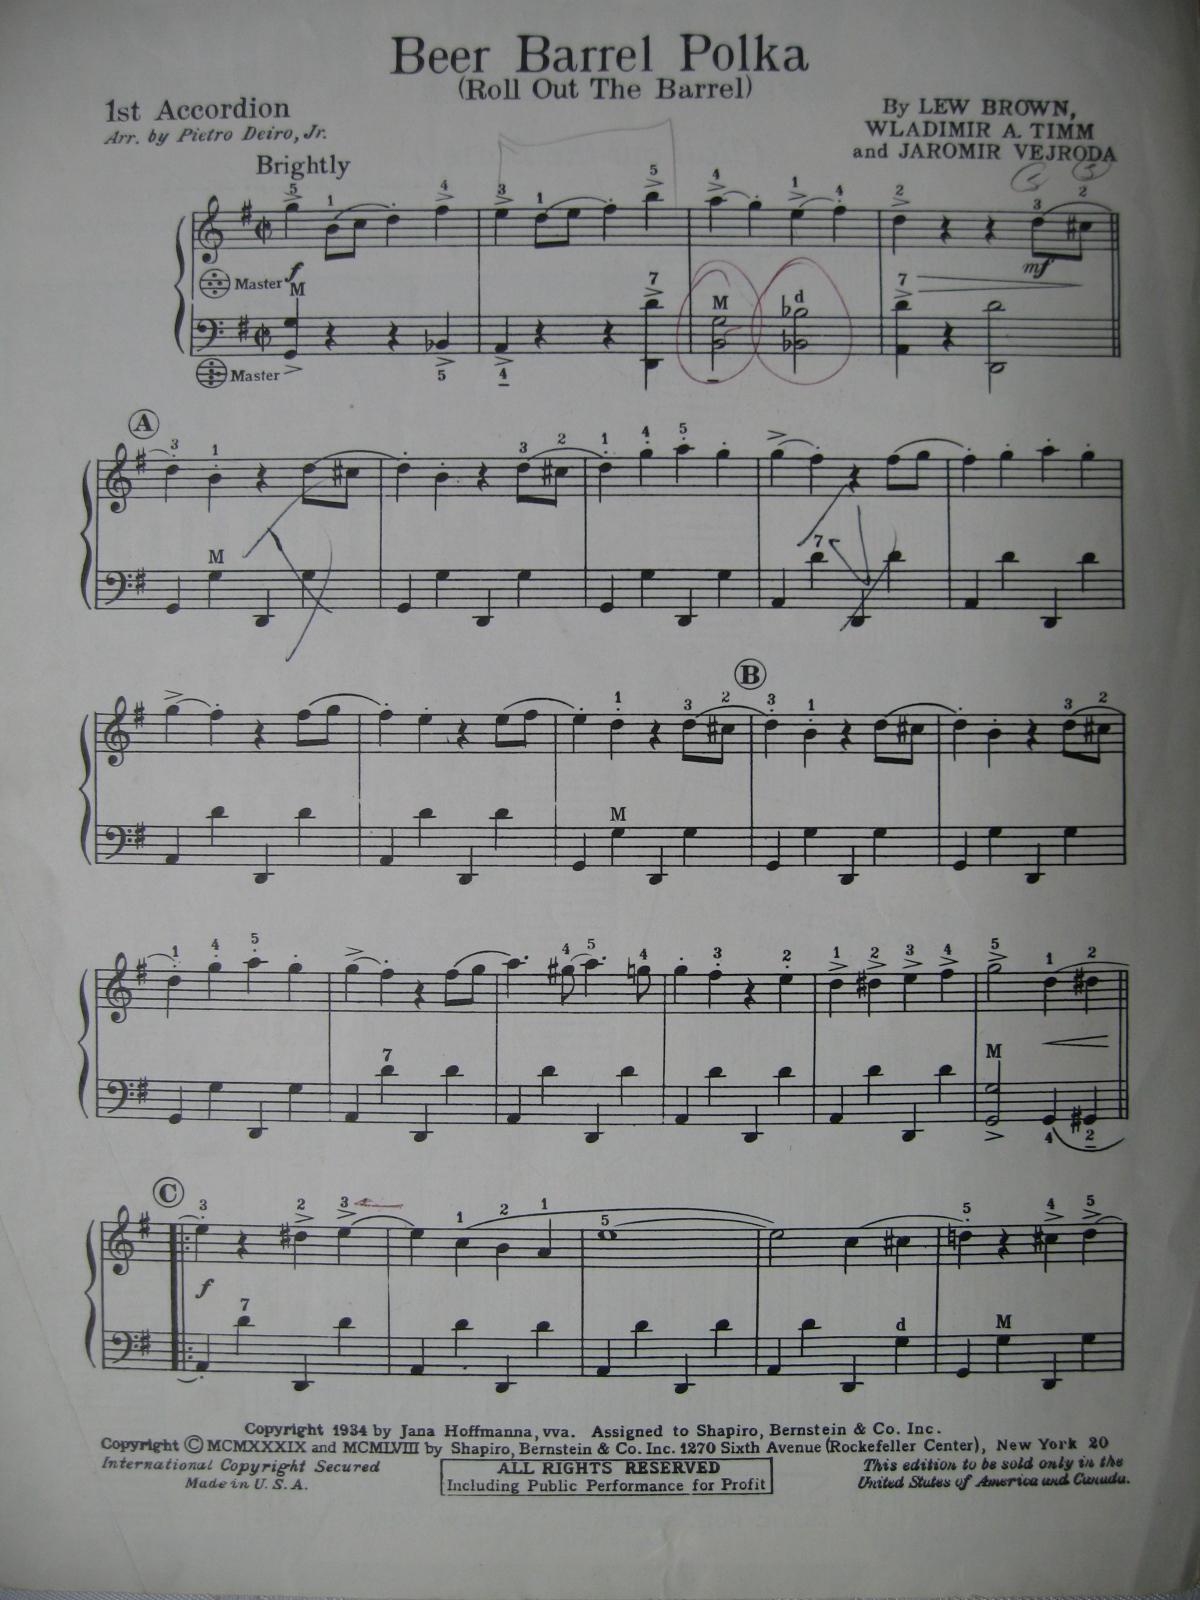 how to play beer barrel polka on accordion